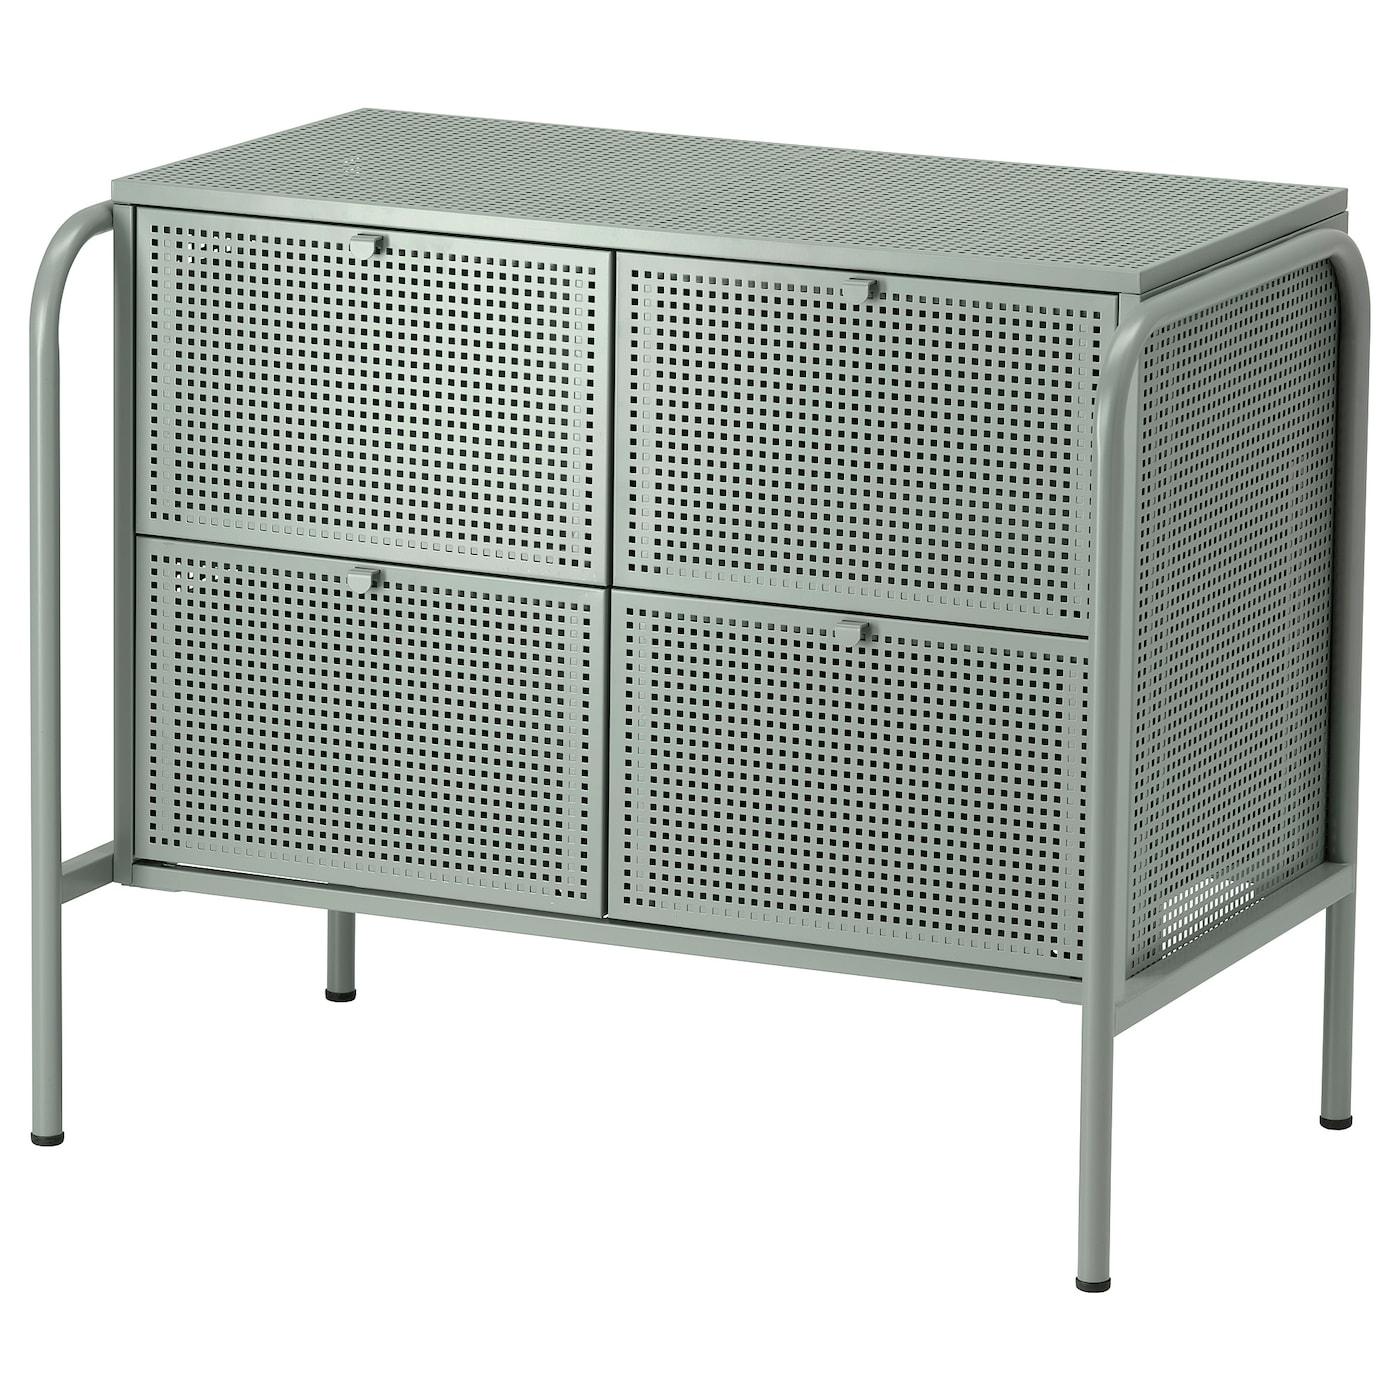 IKEA - NIKKEBY Ladekast met 4 lades - 84x70 cm - Grijsgroen